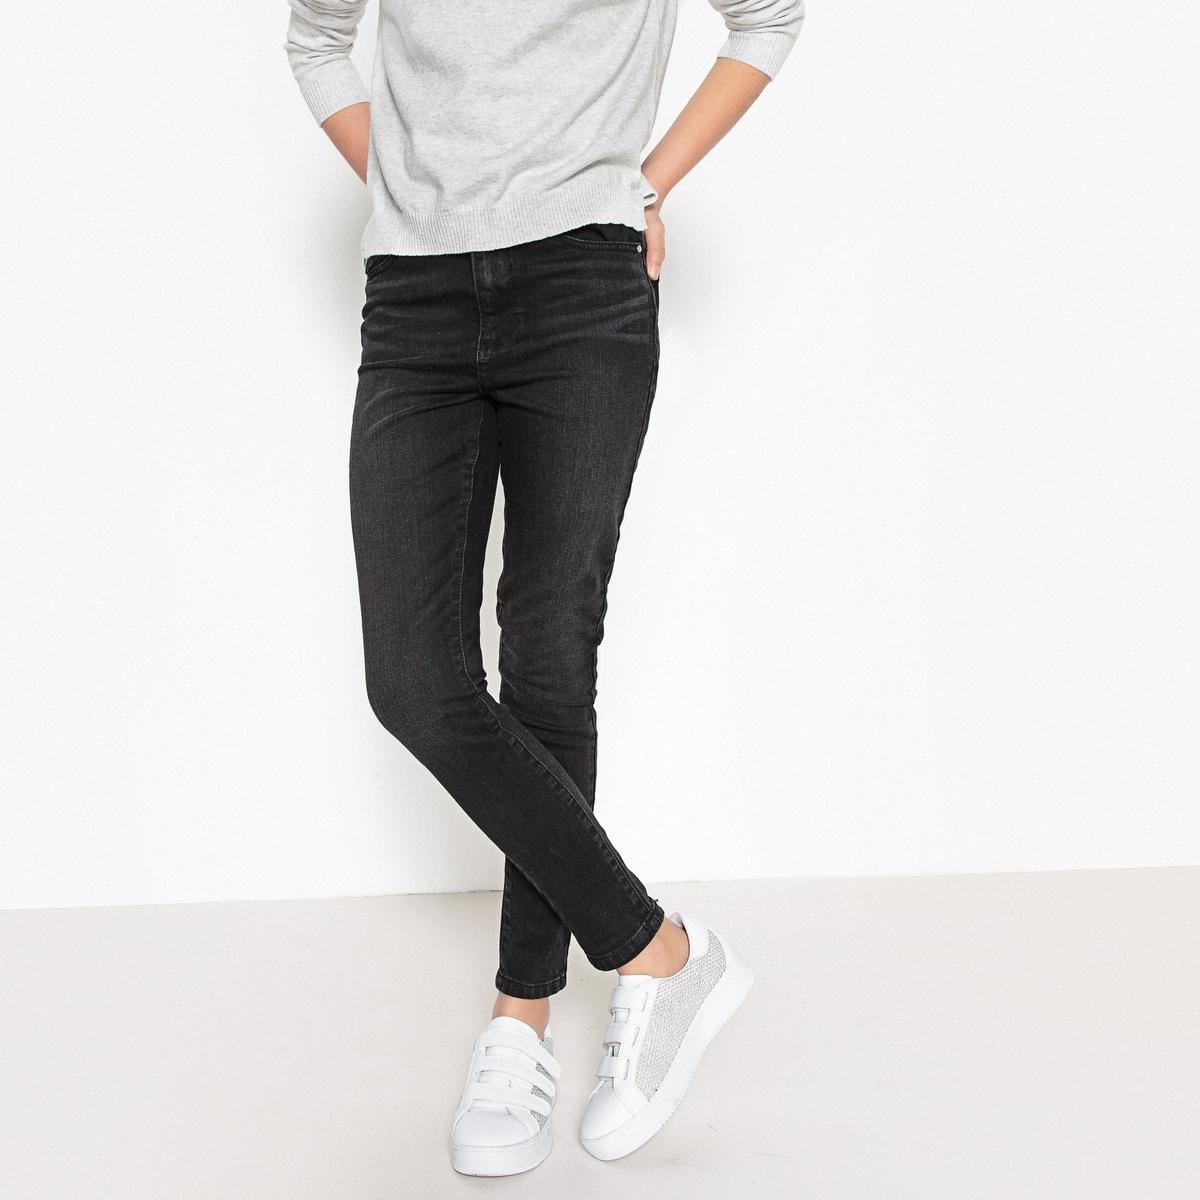 Джинсы узкого покроя с завышенной талией 10-16 лет джинсы узкие скинни с вышивкой для 10 16 лет